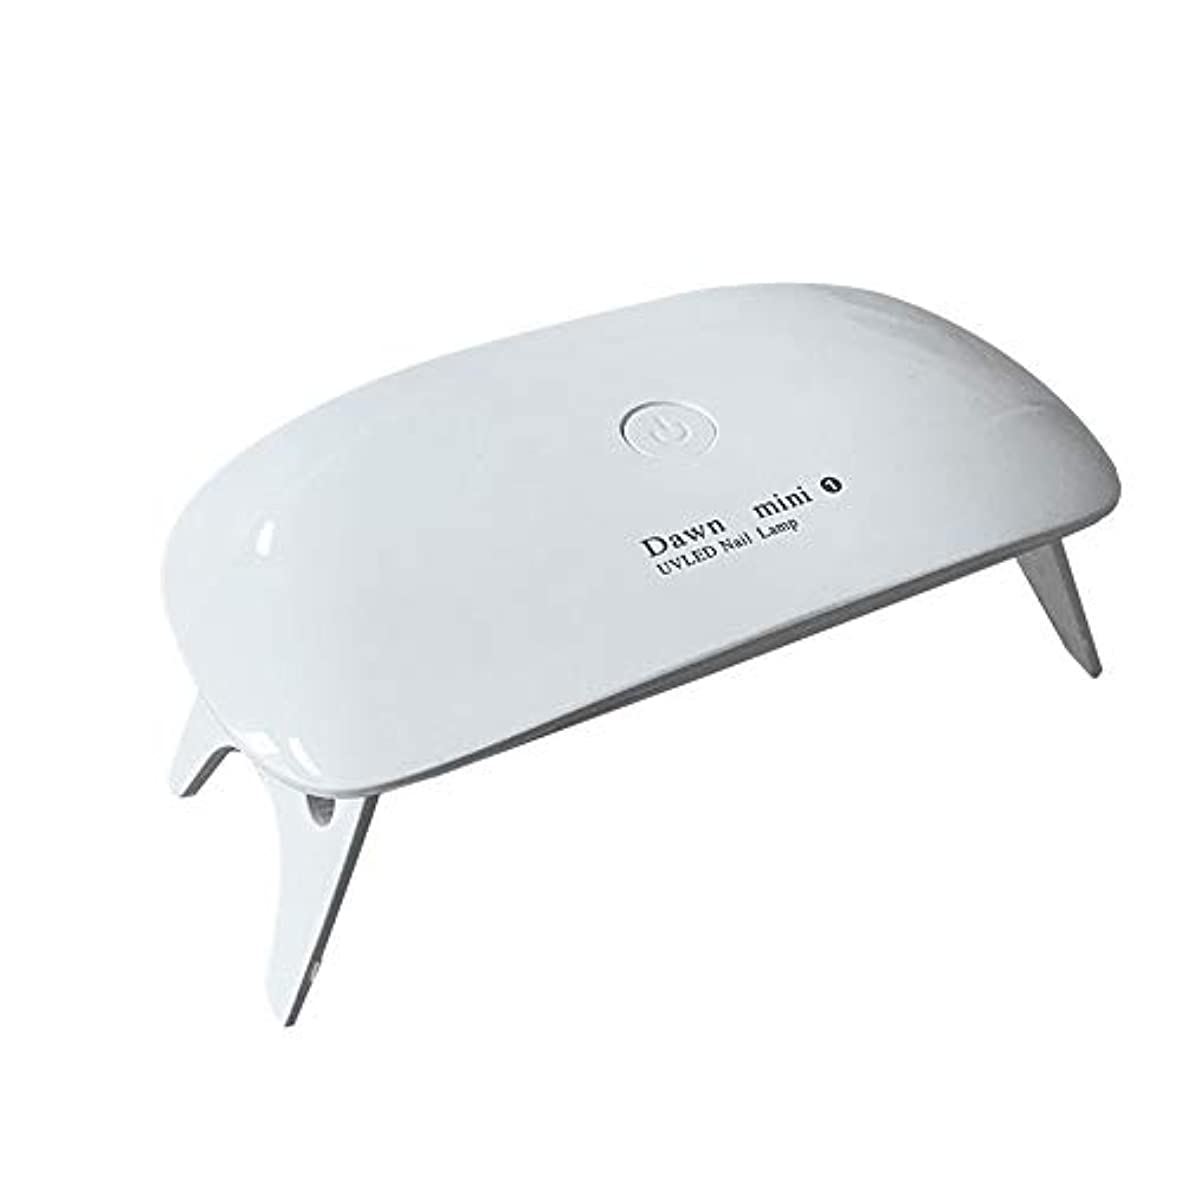 啓発する完全にドライバSunnFx UVライト LEDネイルドライヤー レジン用 硬化ライト タイマー設定可能 手足とも使える UV と LEDダブルライト ジェルネイル と レジンクラフト用 コンパクト 可愛い 折りたたみ式 携帯型 (ホワイト)